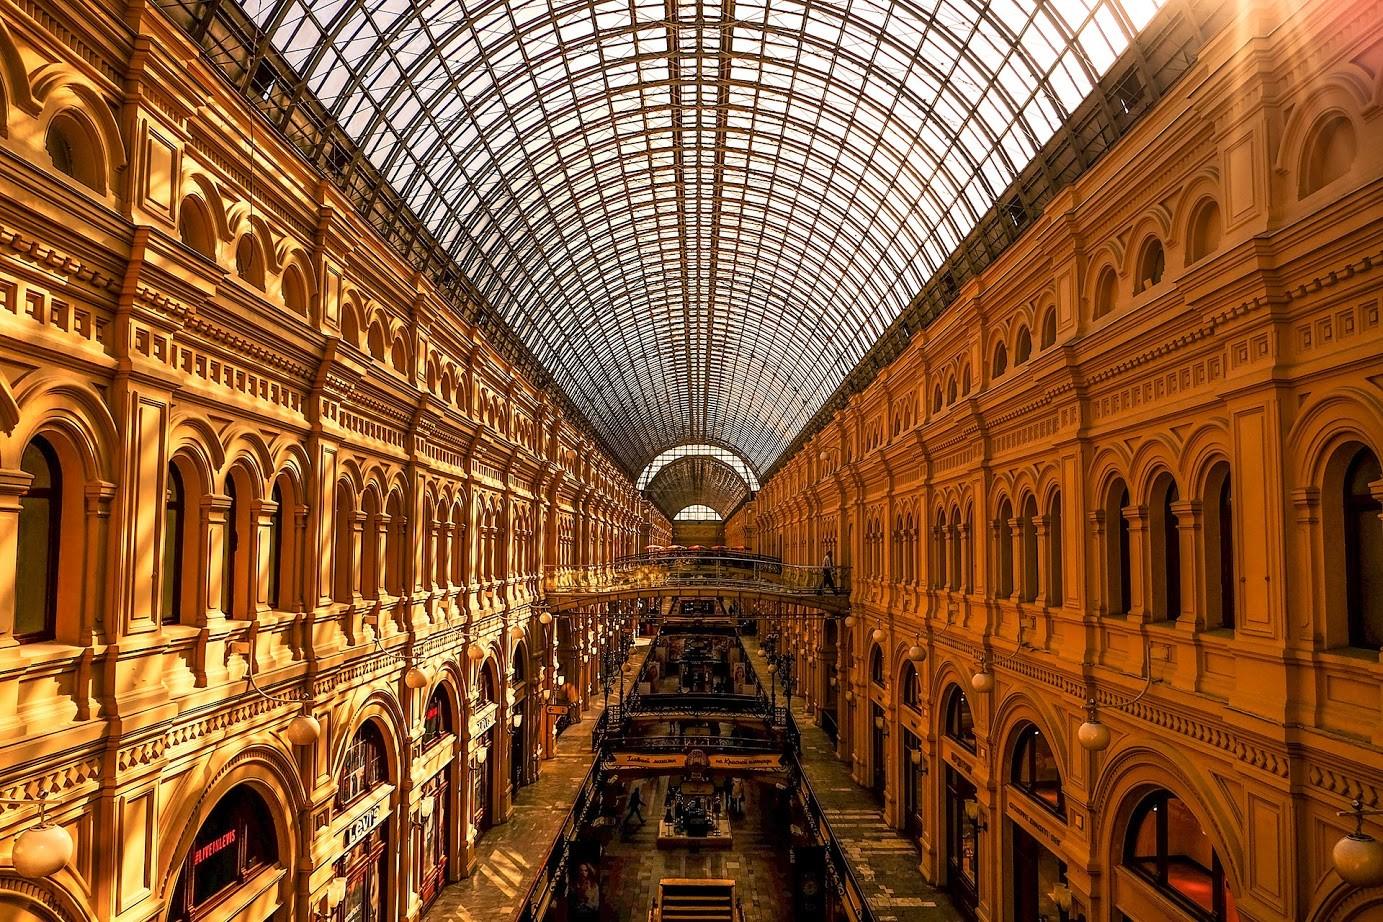 Streha veleblagovnice GUM, najlepšega nakupovalnega centra v Rusiji, ki ga je zasnoval Vladimir Šuhov.